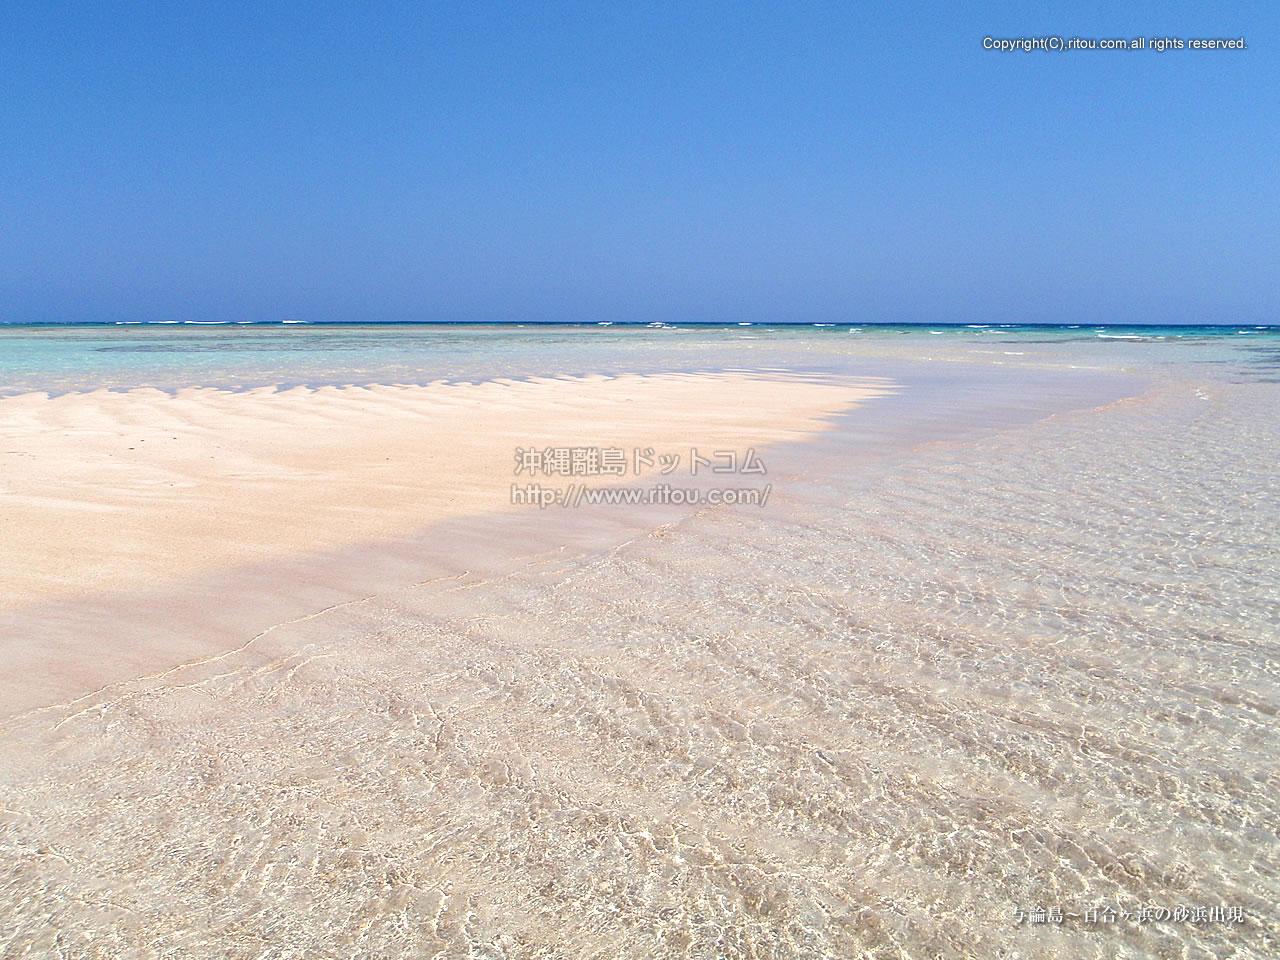 与論島〜百合ヶ浜の砂浜出現